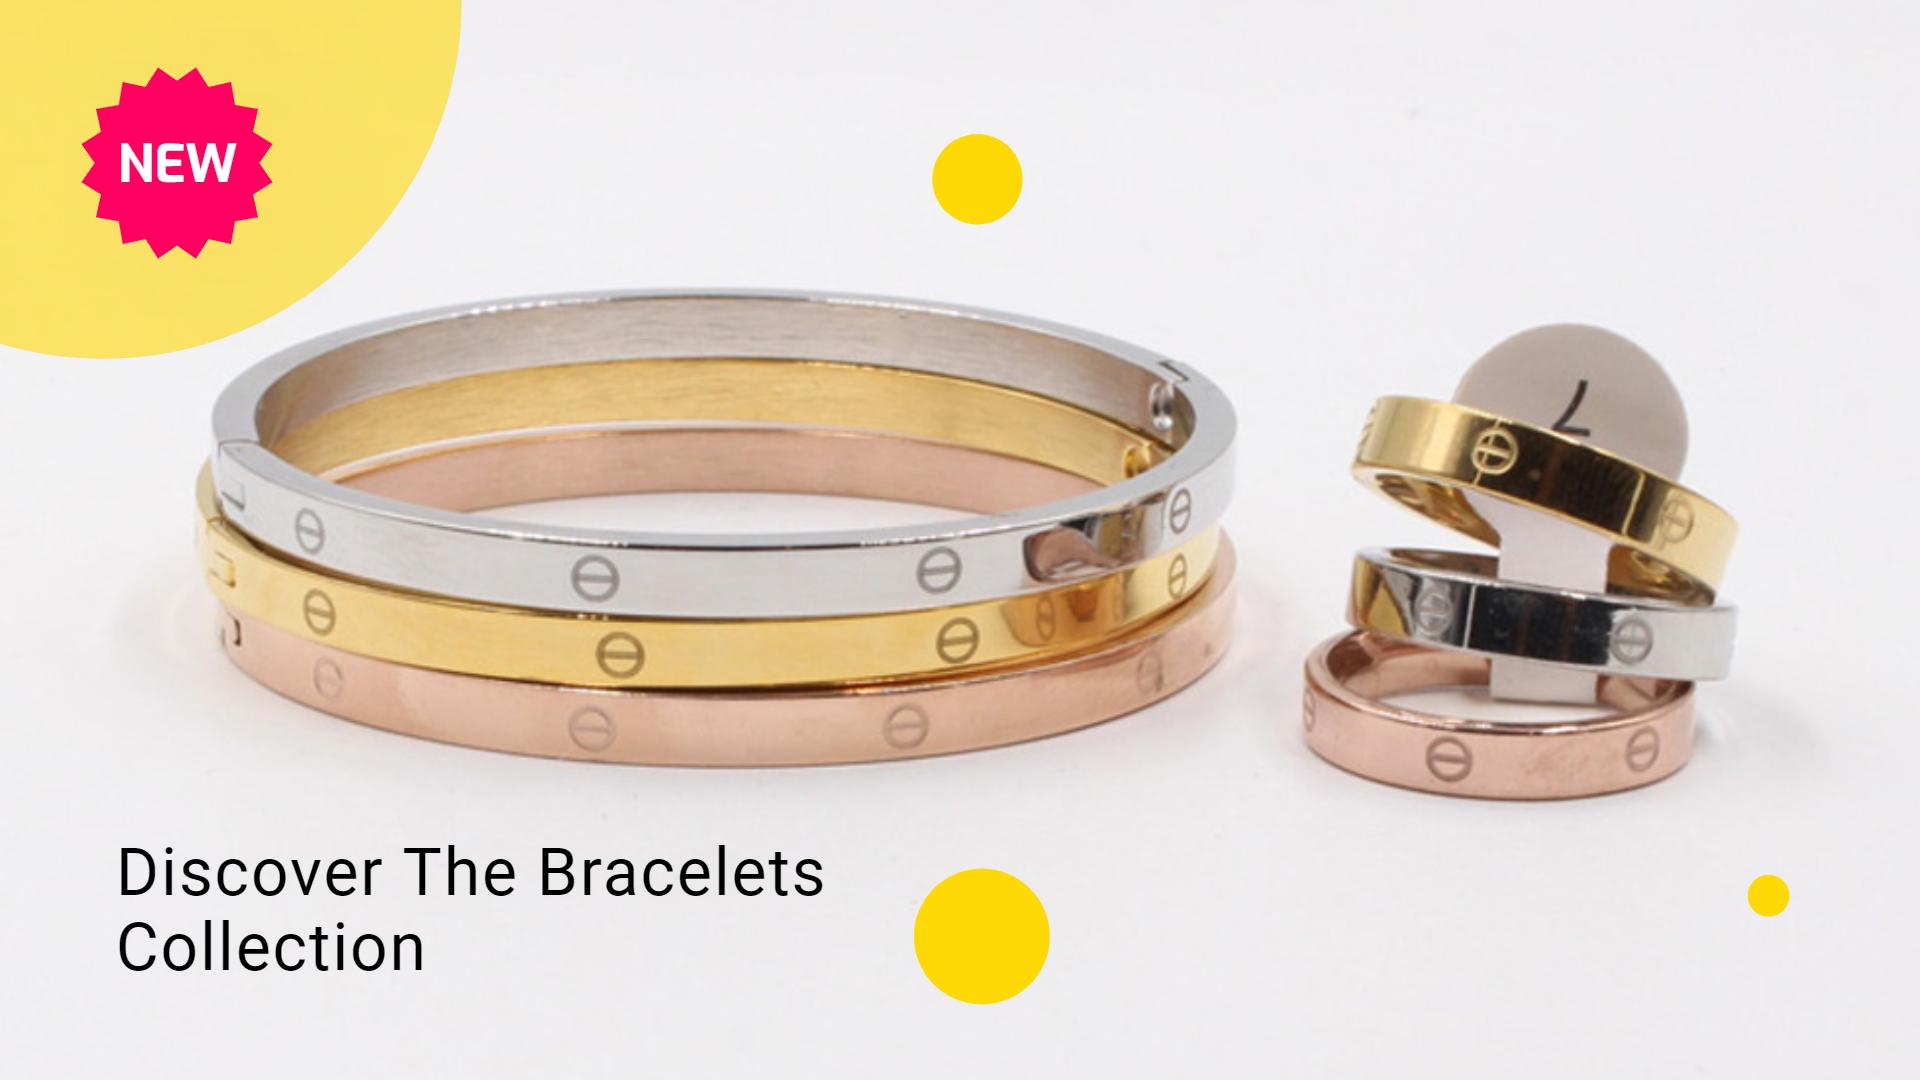 اساور كارتير وخواتم Slim Cartier Love Bracelet Accessories Bracelets Bracelet Collection